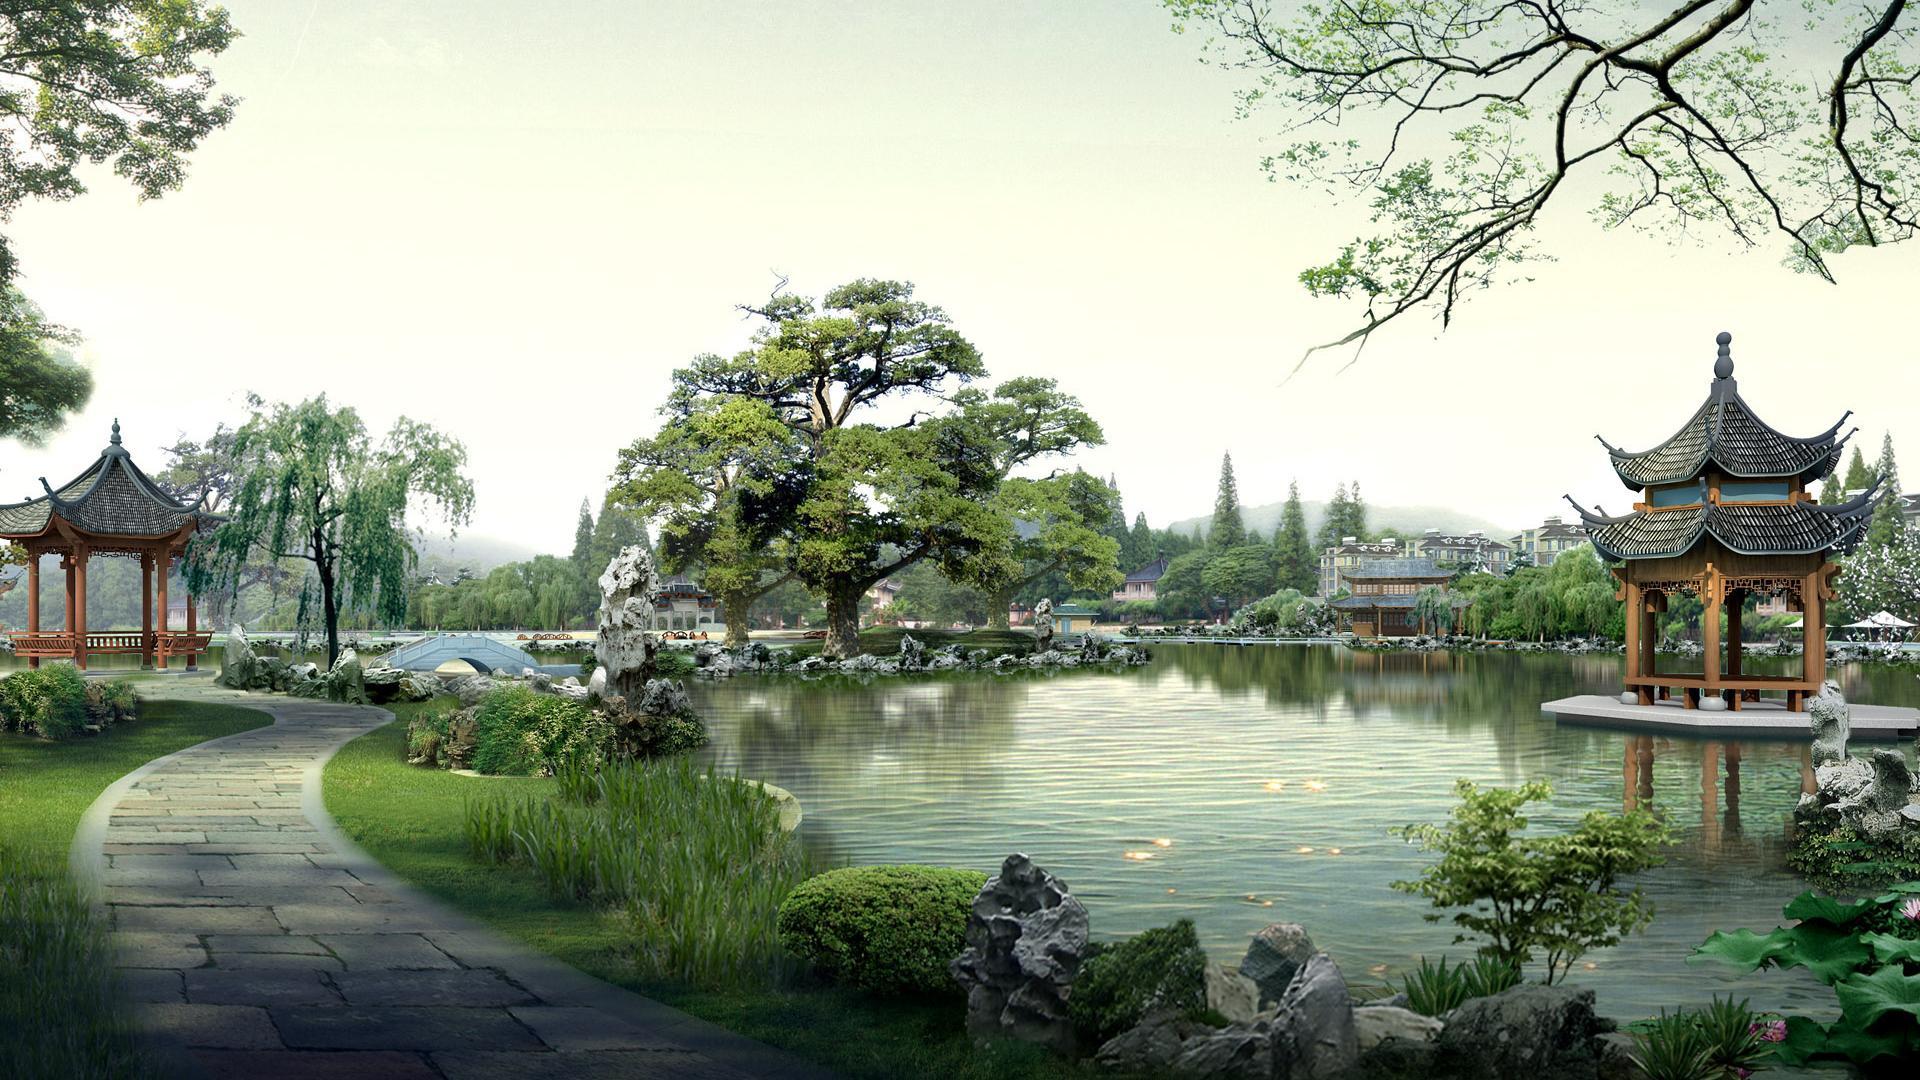 Японский сад дорожка храм 1920x1080